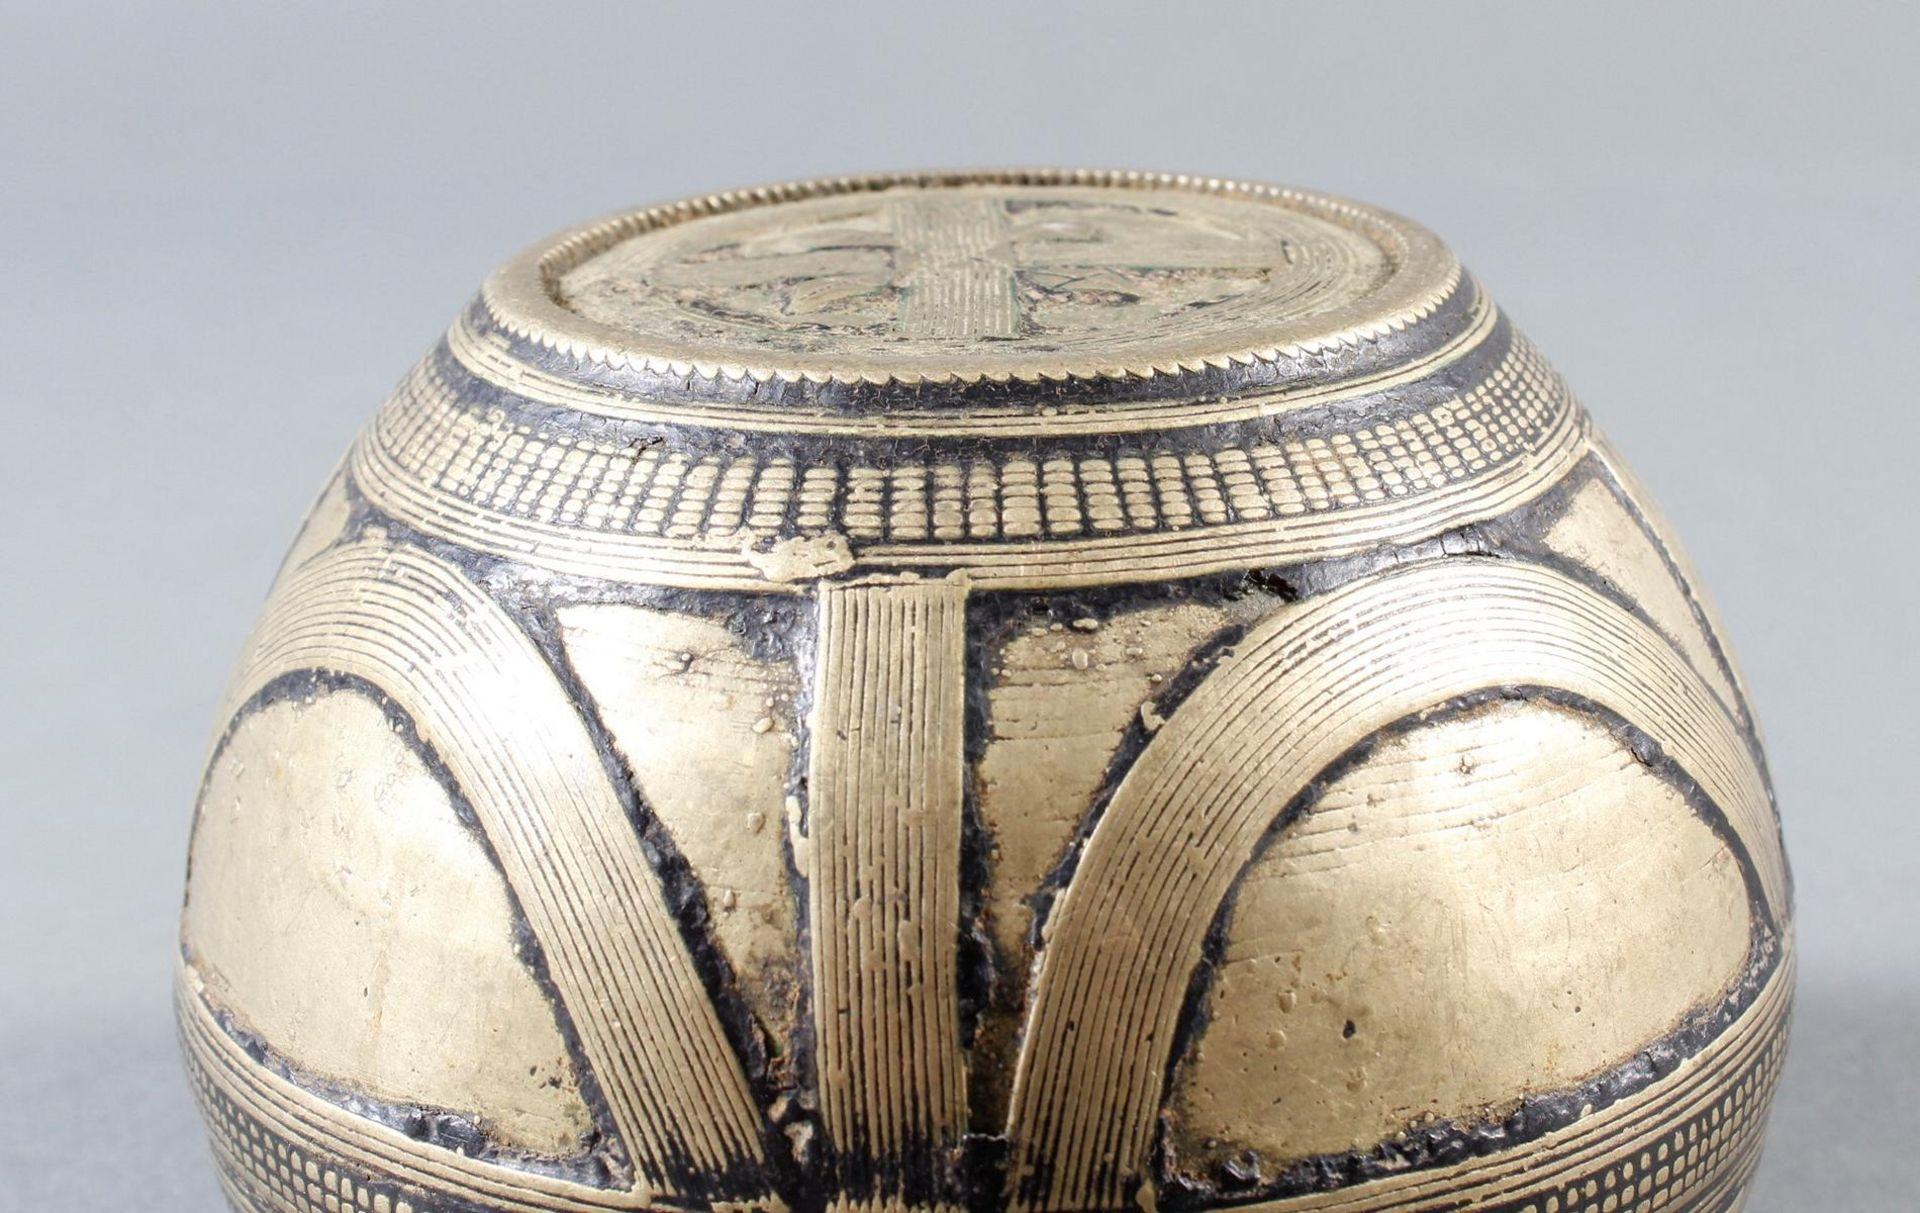 Bronze Reismaß, Afrika, Senufo / Elfenbeinküste, 19. Jahrhundert - Bild 5 aus 10